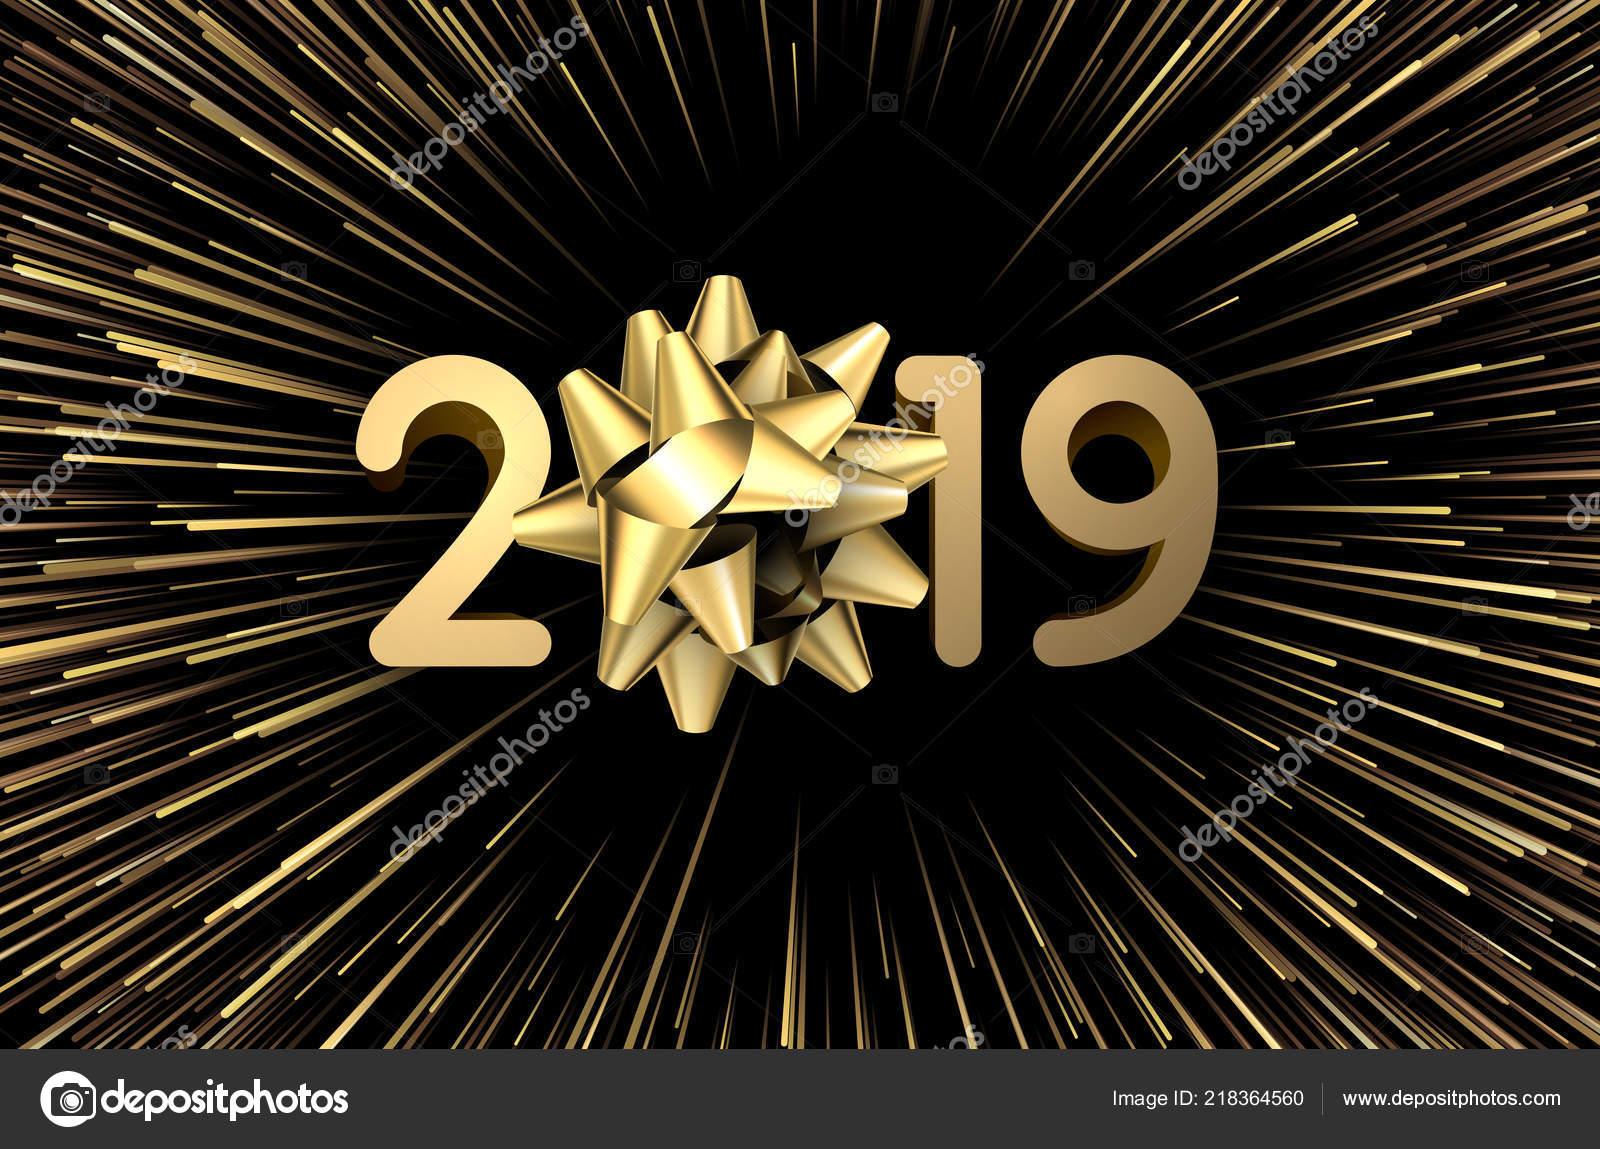 Tarjeta Festiva Ano 2019 Con Arco Dorado Fuegos Artificiales Fondo